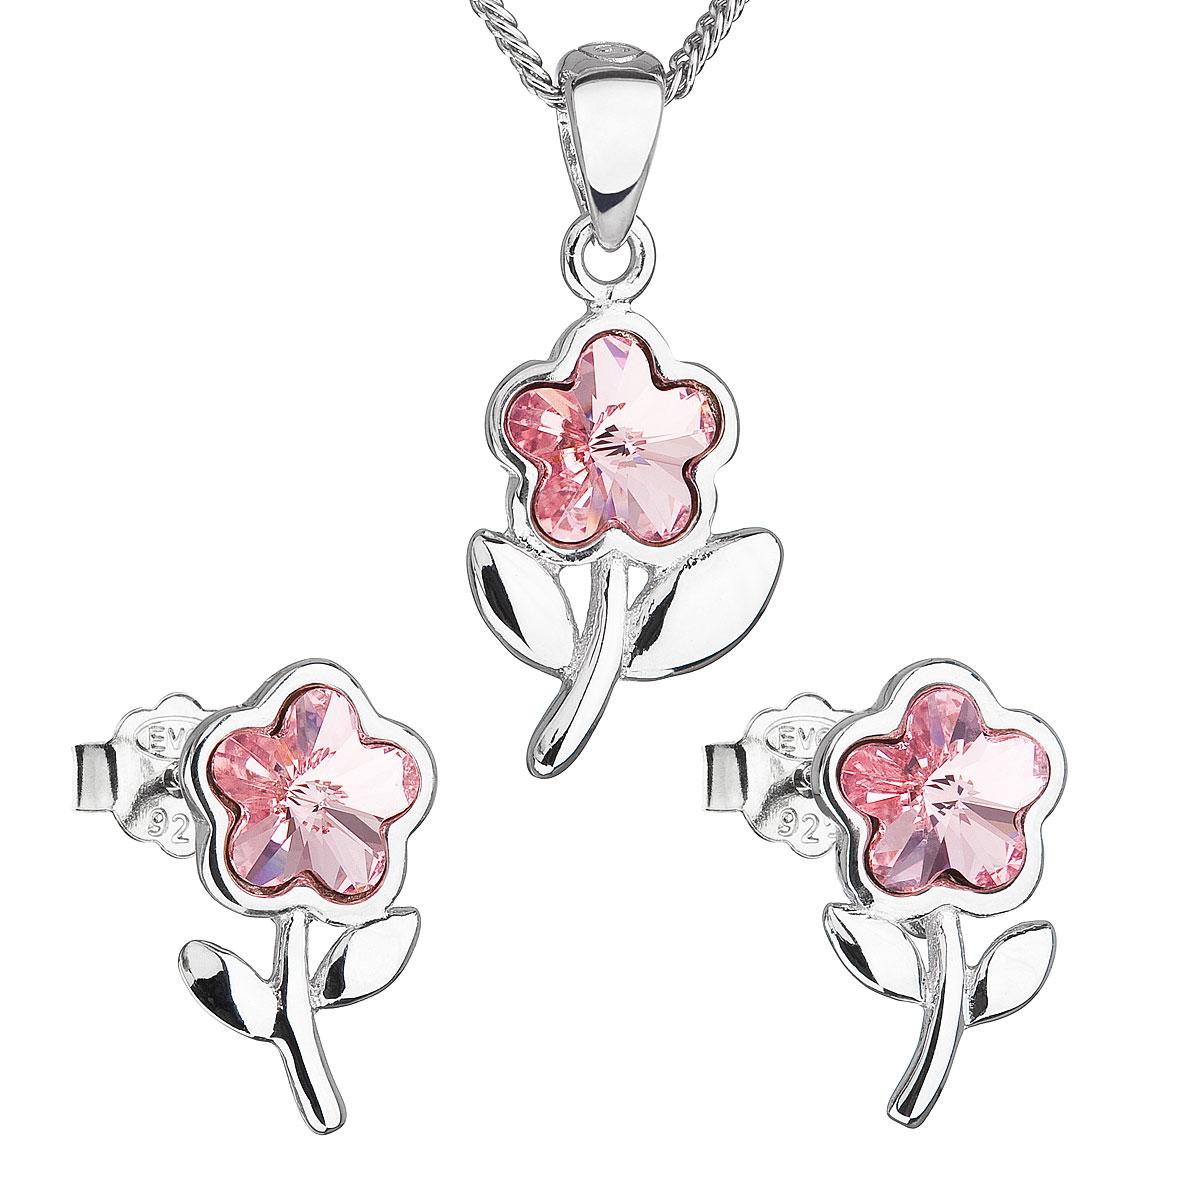 Sada šperkov s krištálmi Swarovski náušnice,retiazka a prívesok ružová kytička 39172.3 light rose